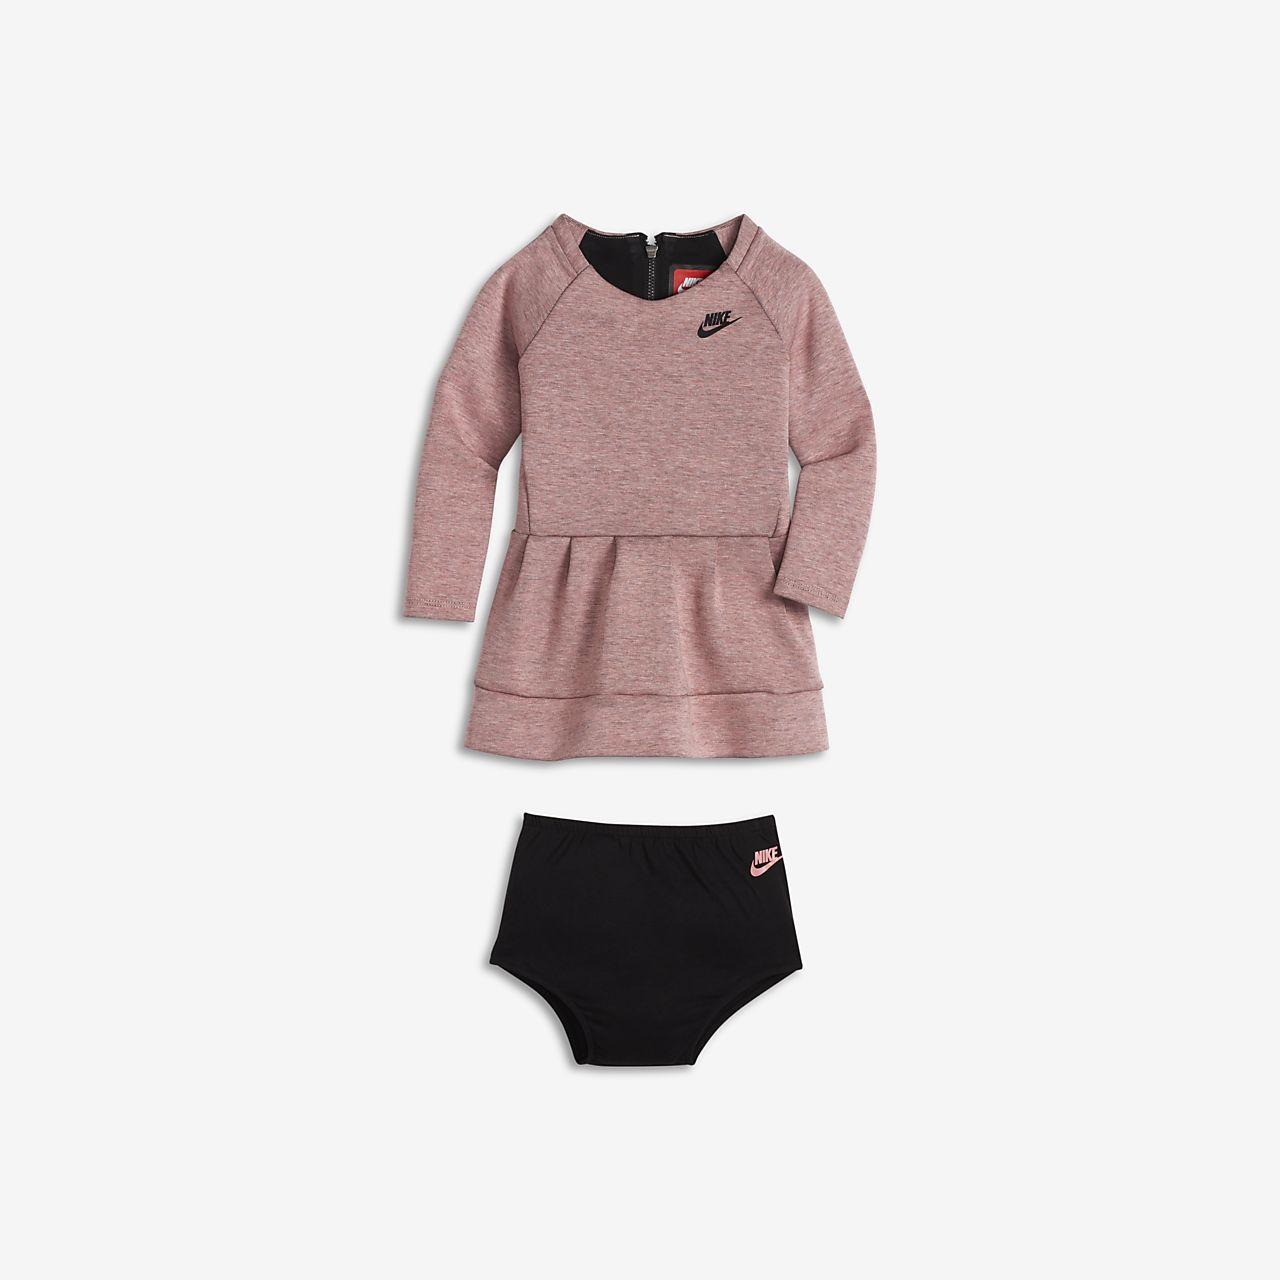 Nike Tech Fleece kislány ruha babáknak